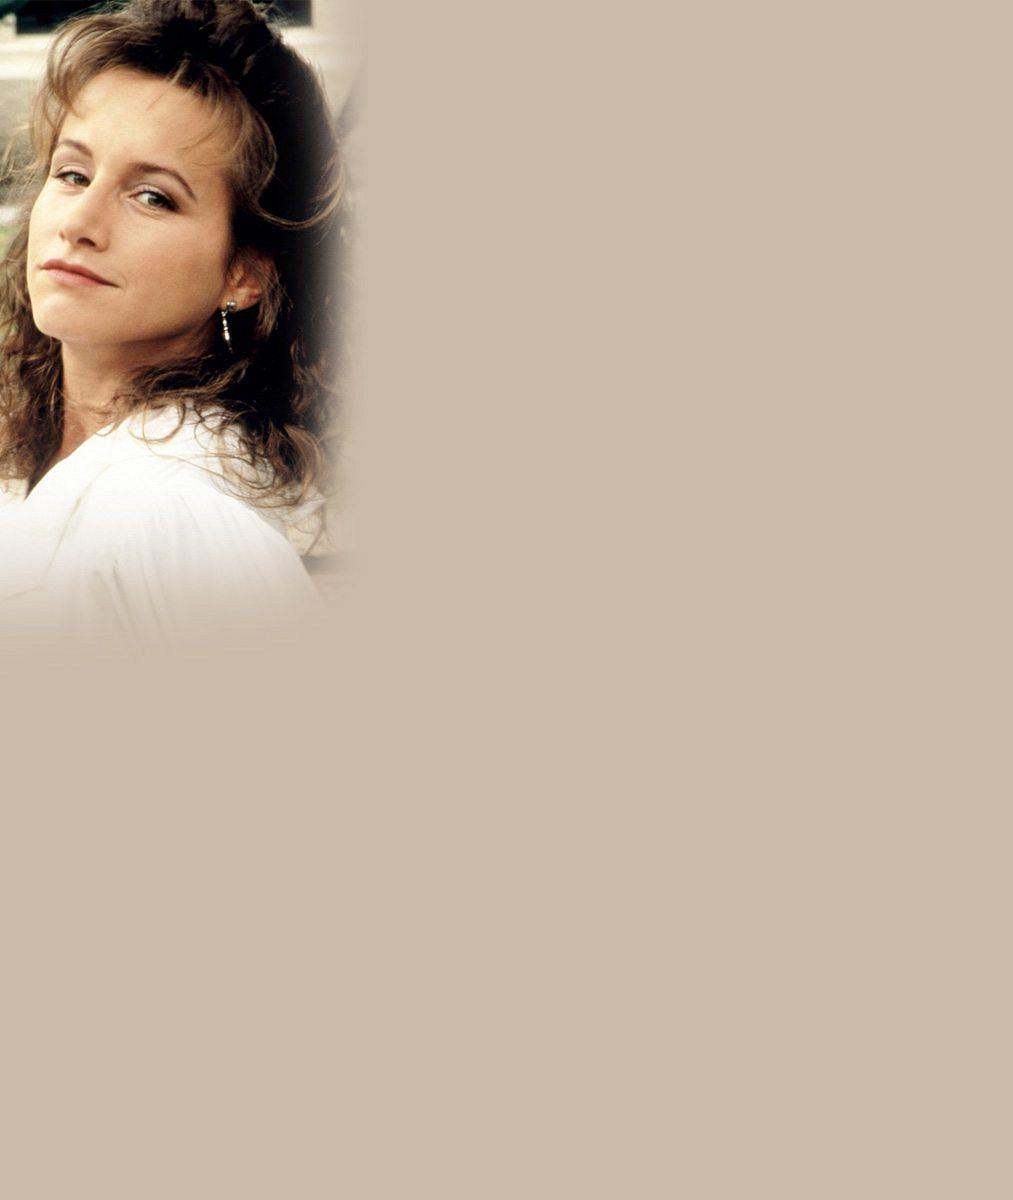 Takhle s léty prokoukla největší ošklivka z Beverly Hills 90210: Po padesátce je z ní čupr baba